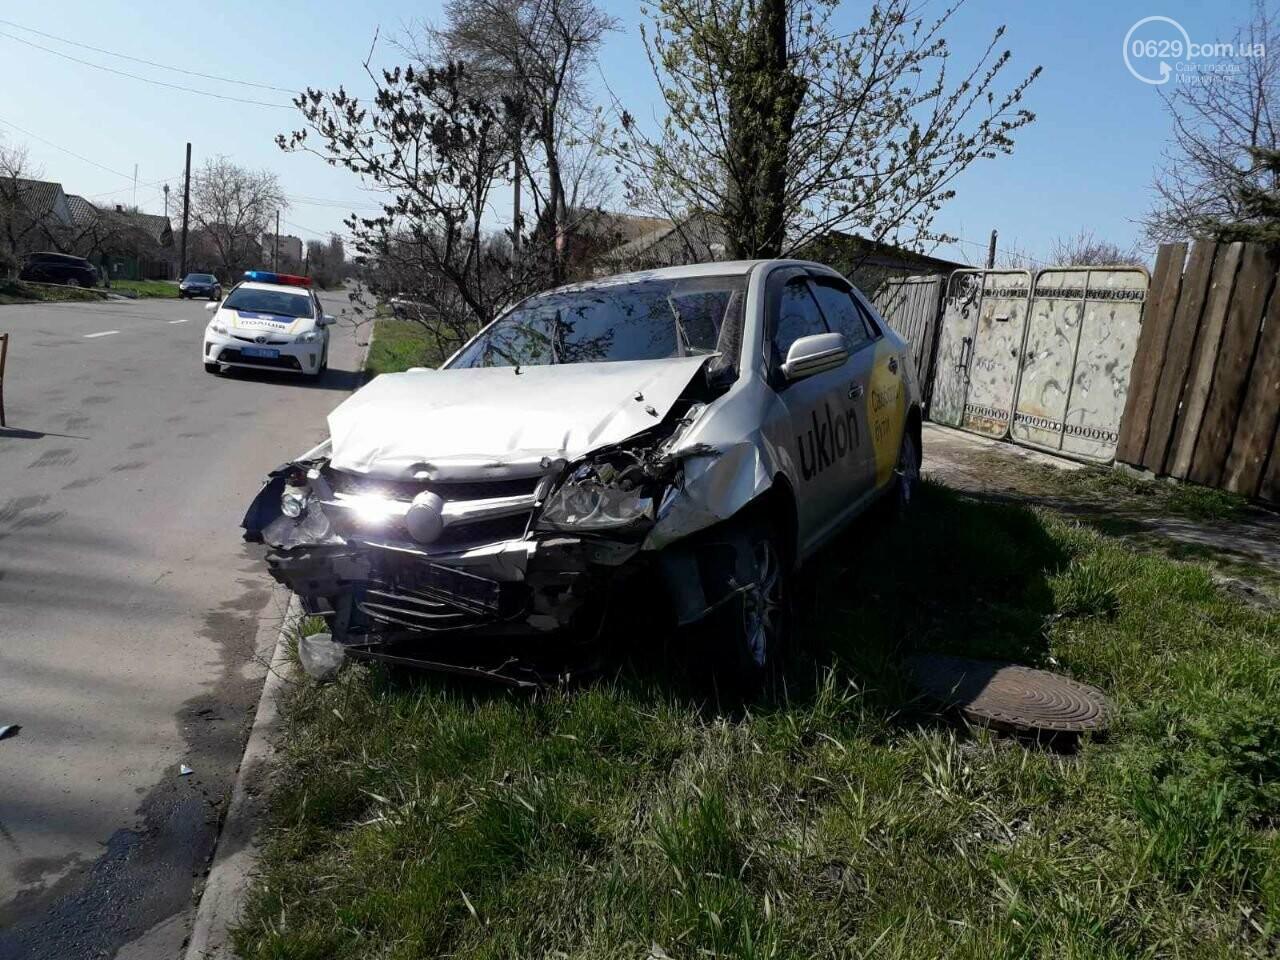 Тройное ДТП с пострадавшими. В Мариуполе столкнулись две легковушки и грузовик,  - ФОТО, фото-6